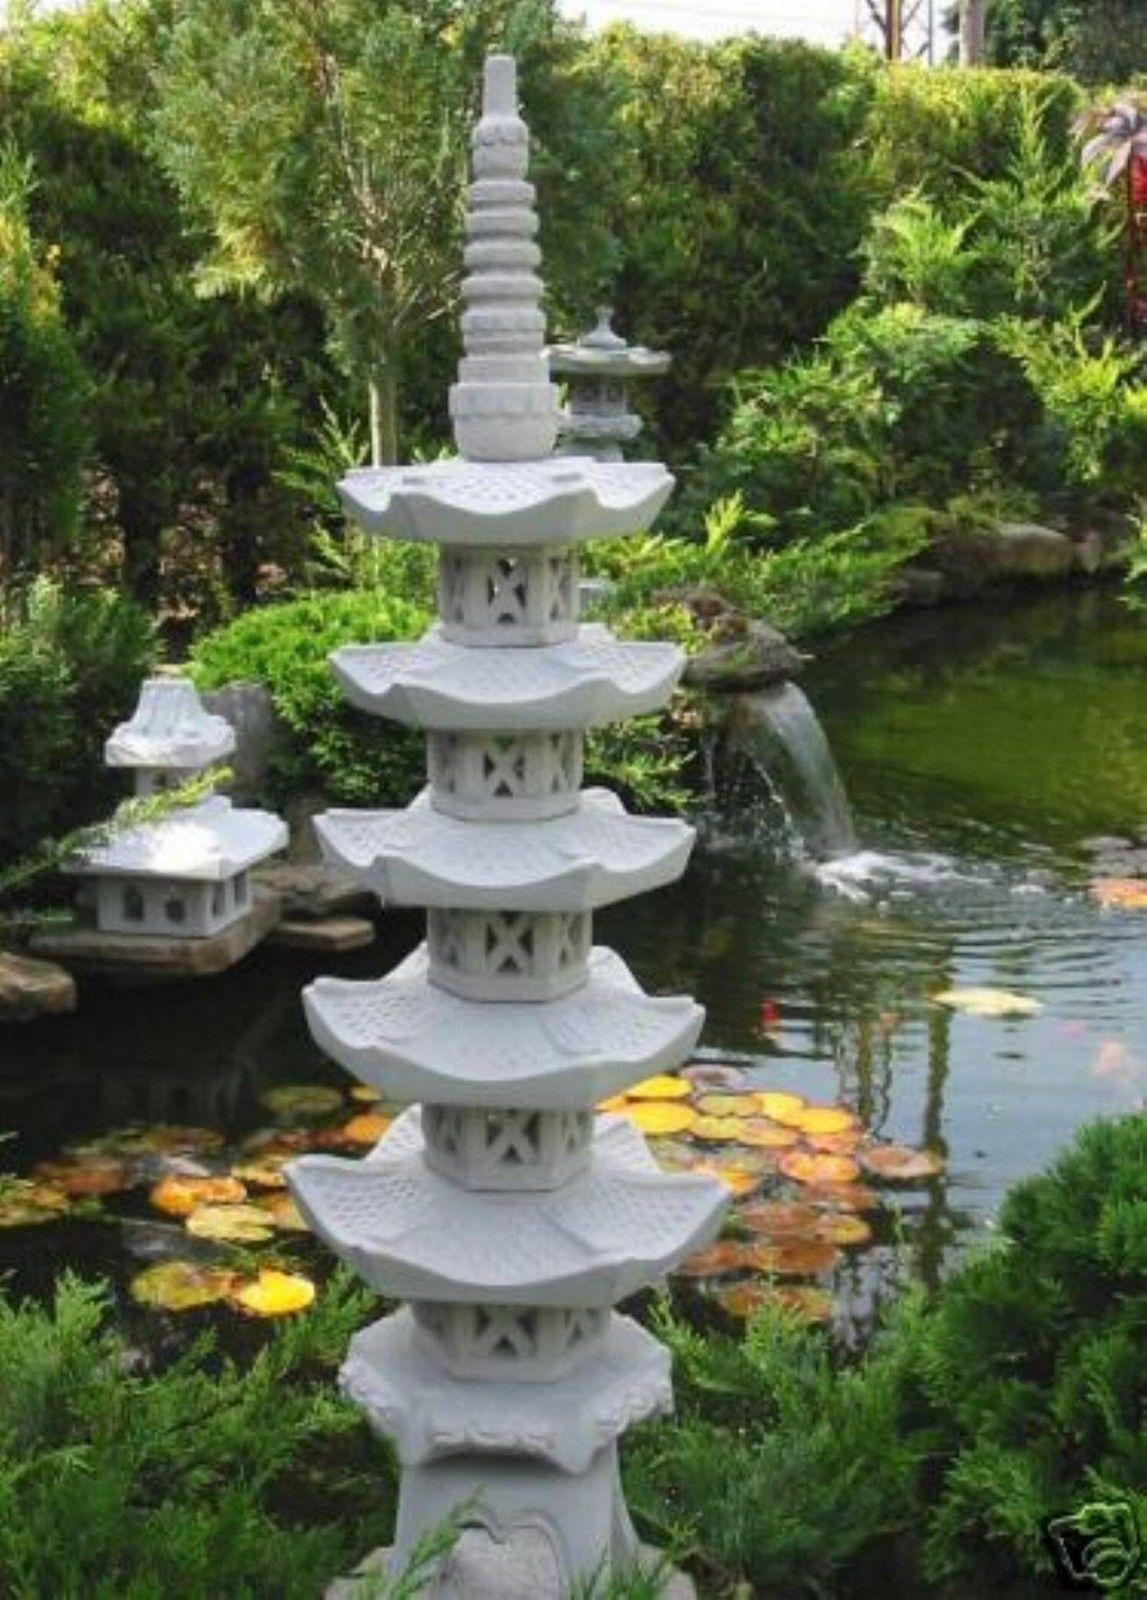 japanische Steinlaterne Pagode 2 stöckig 70 cm Gartenteich Figur Wetterfest